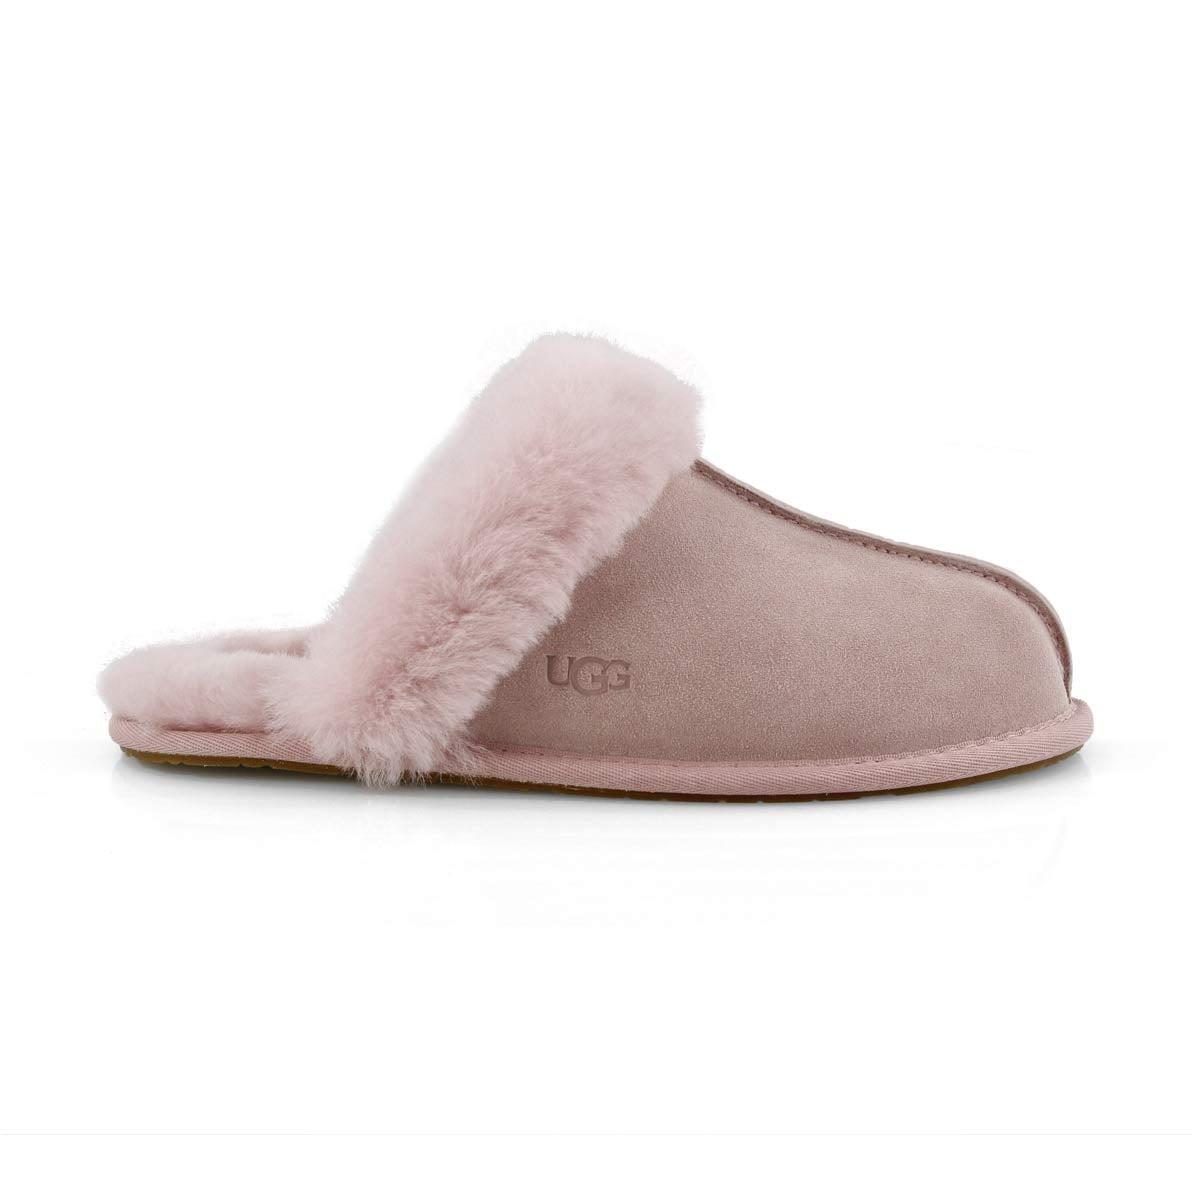 Lds Scuffette II pink sheepskin slipper